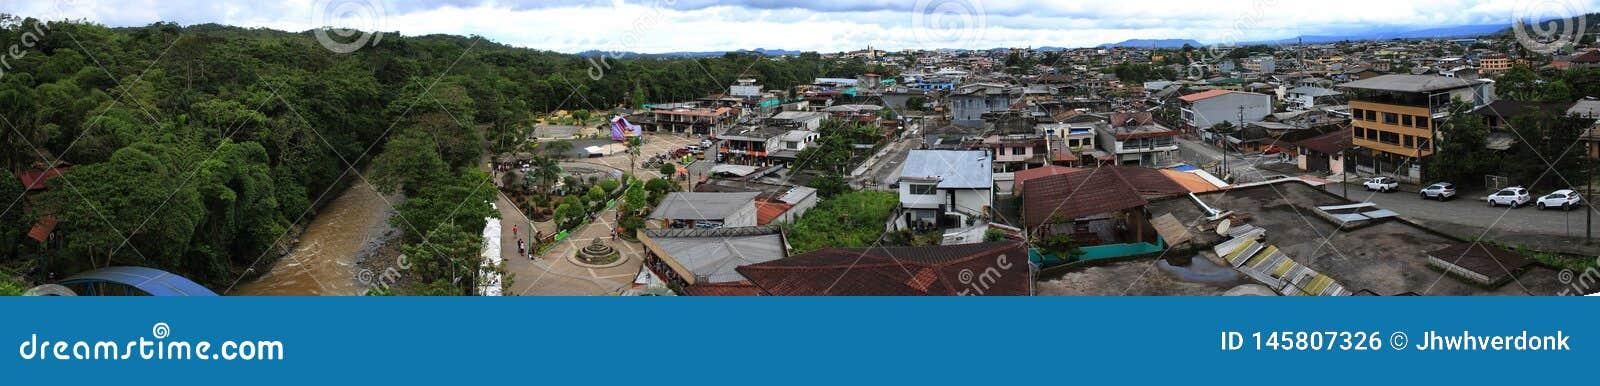 Puyo, Equador, 22-4-2019: Vista panorâmica do lobrero o quadrado principal da cidade e da selva